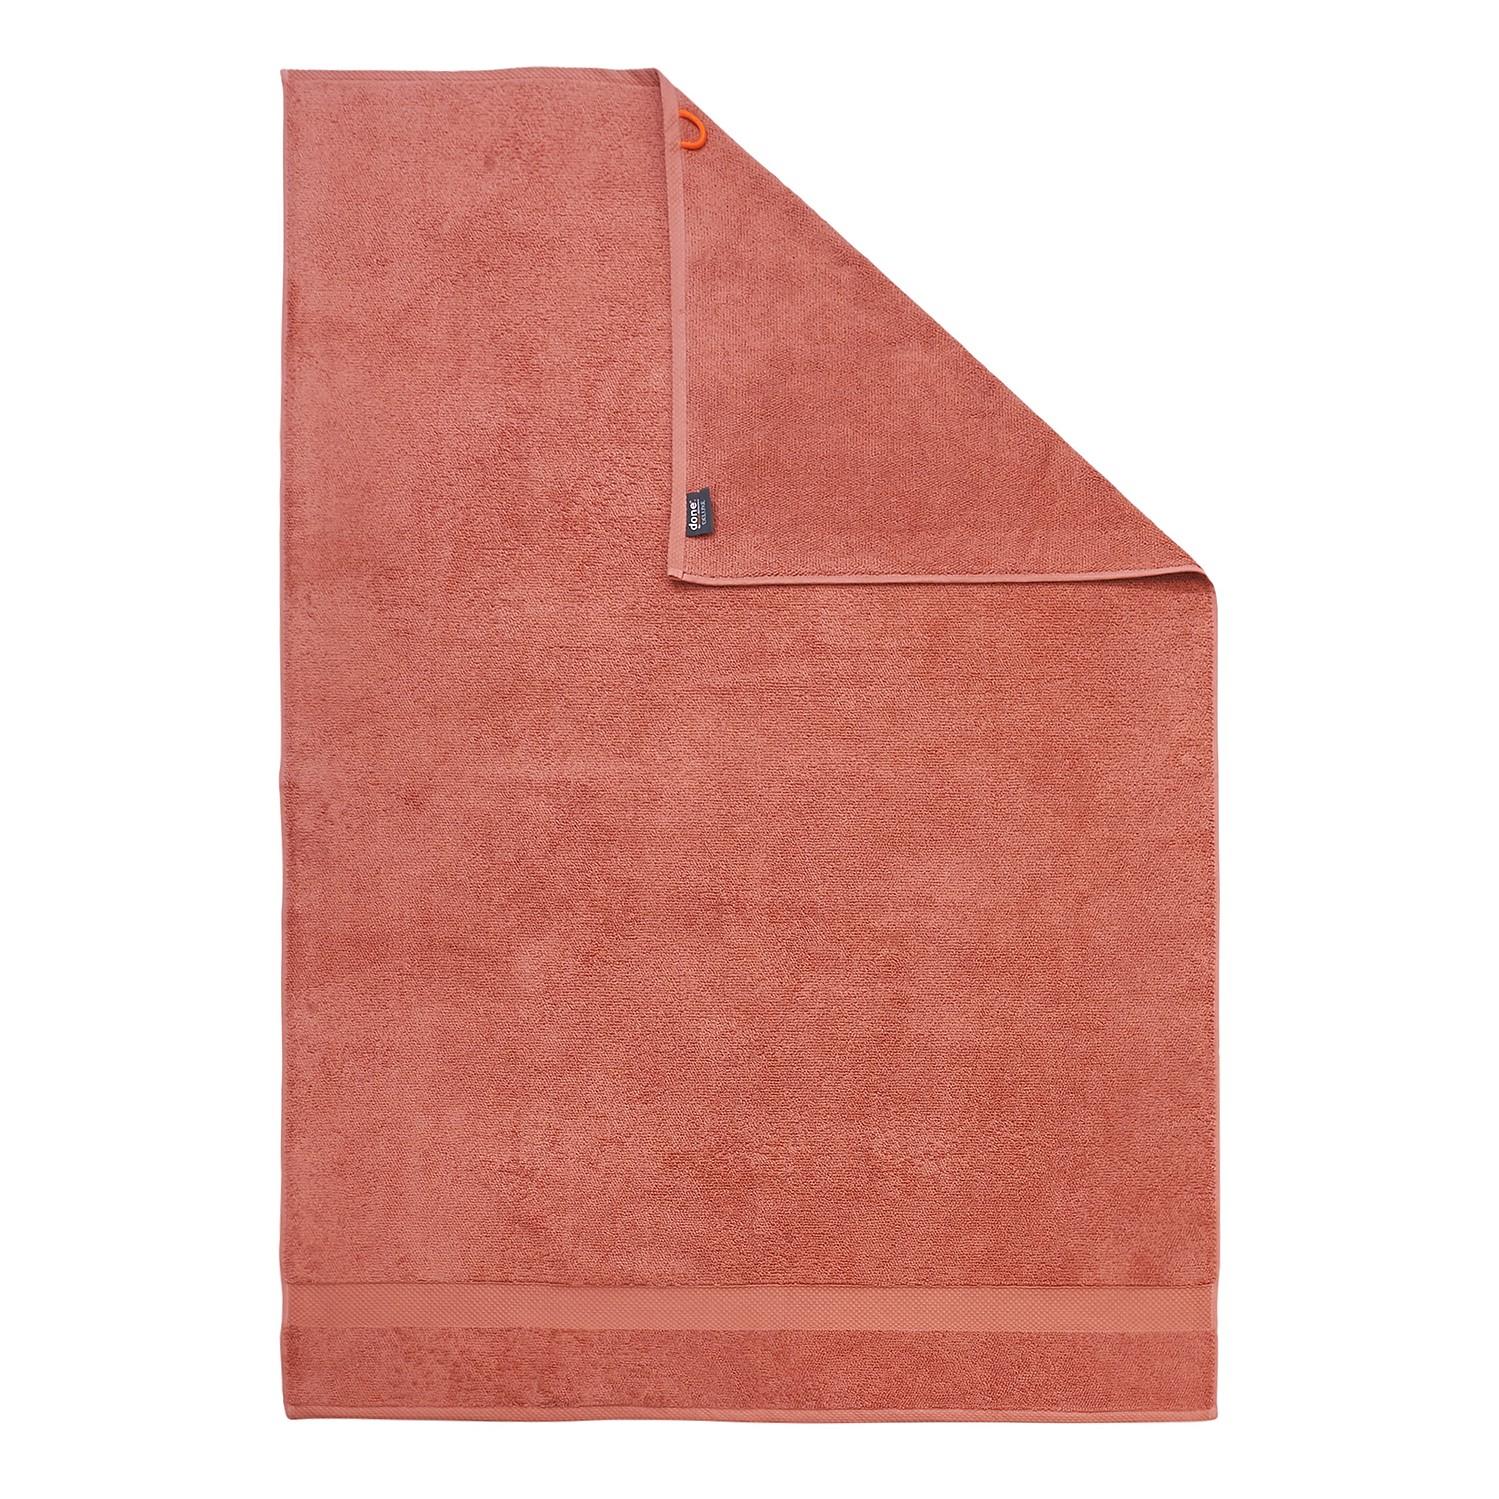 home24 Saunatuch Deluxe | Bad > Handtücher > Saunatücher | Rot | Textil | mooved